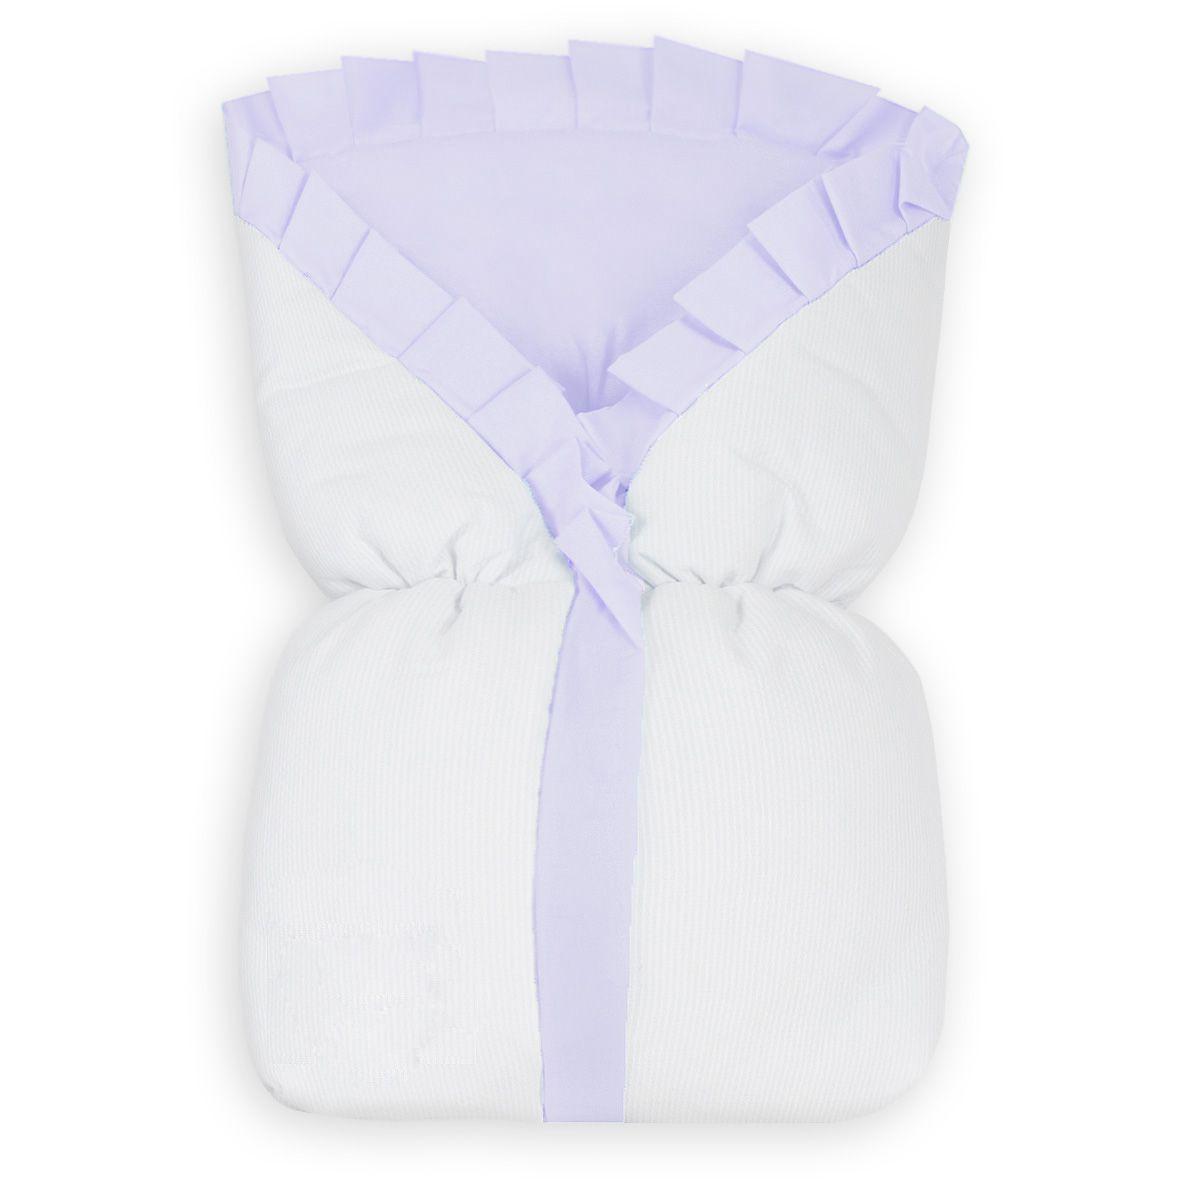 Saco de Bebê 100% Alg. - Lilás com Branco